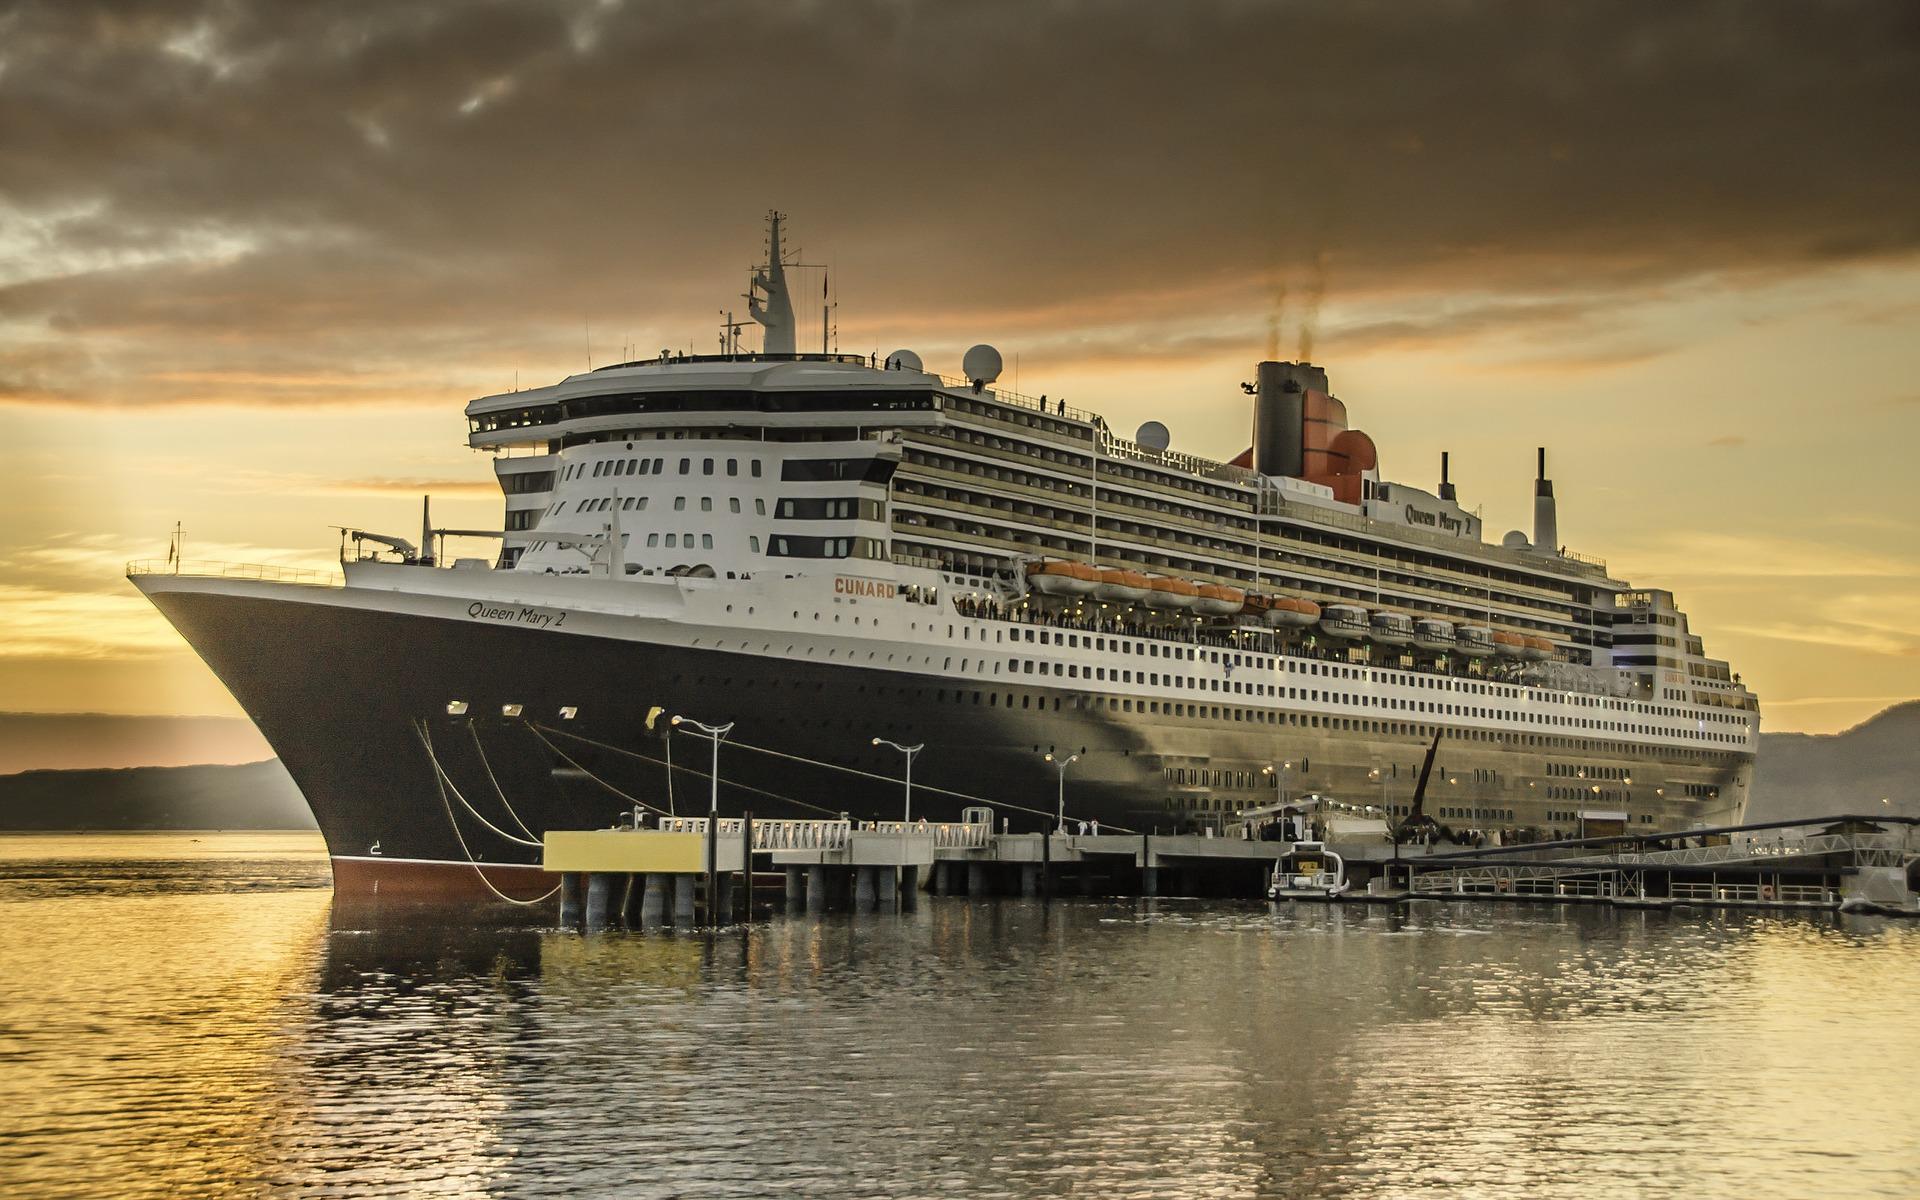 Nave da crociera Queen Mary 2